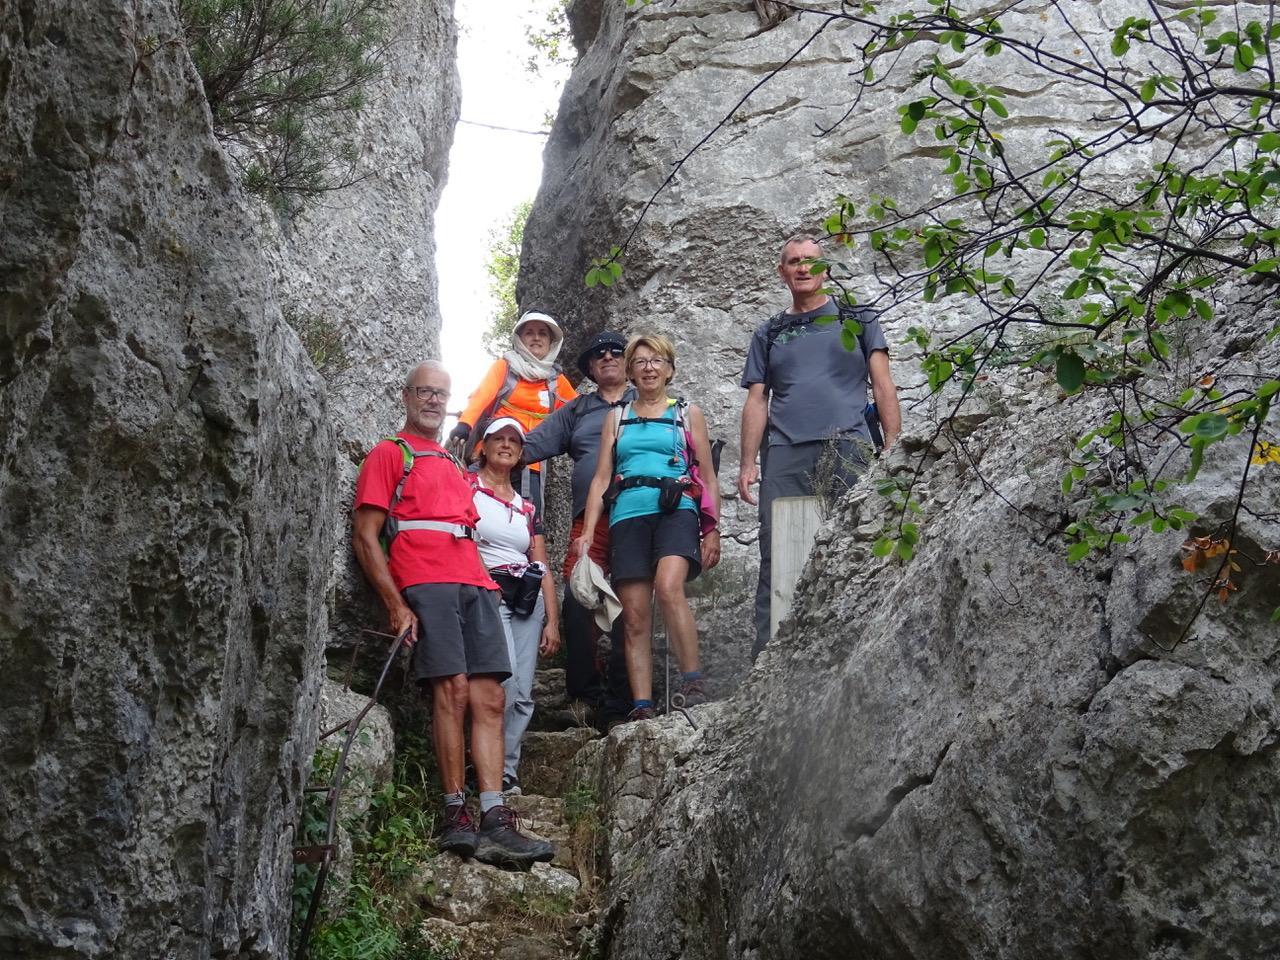 ACAD - Randonnée à Cesseras/grotte d'Aldène - Rando